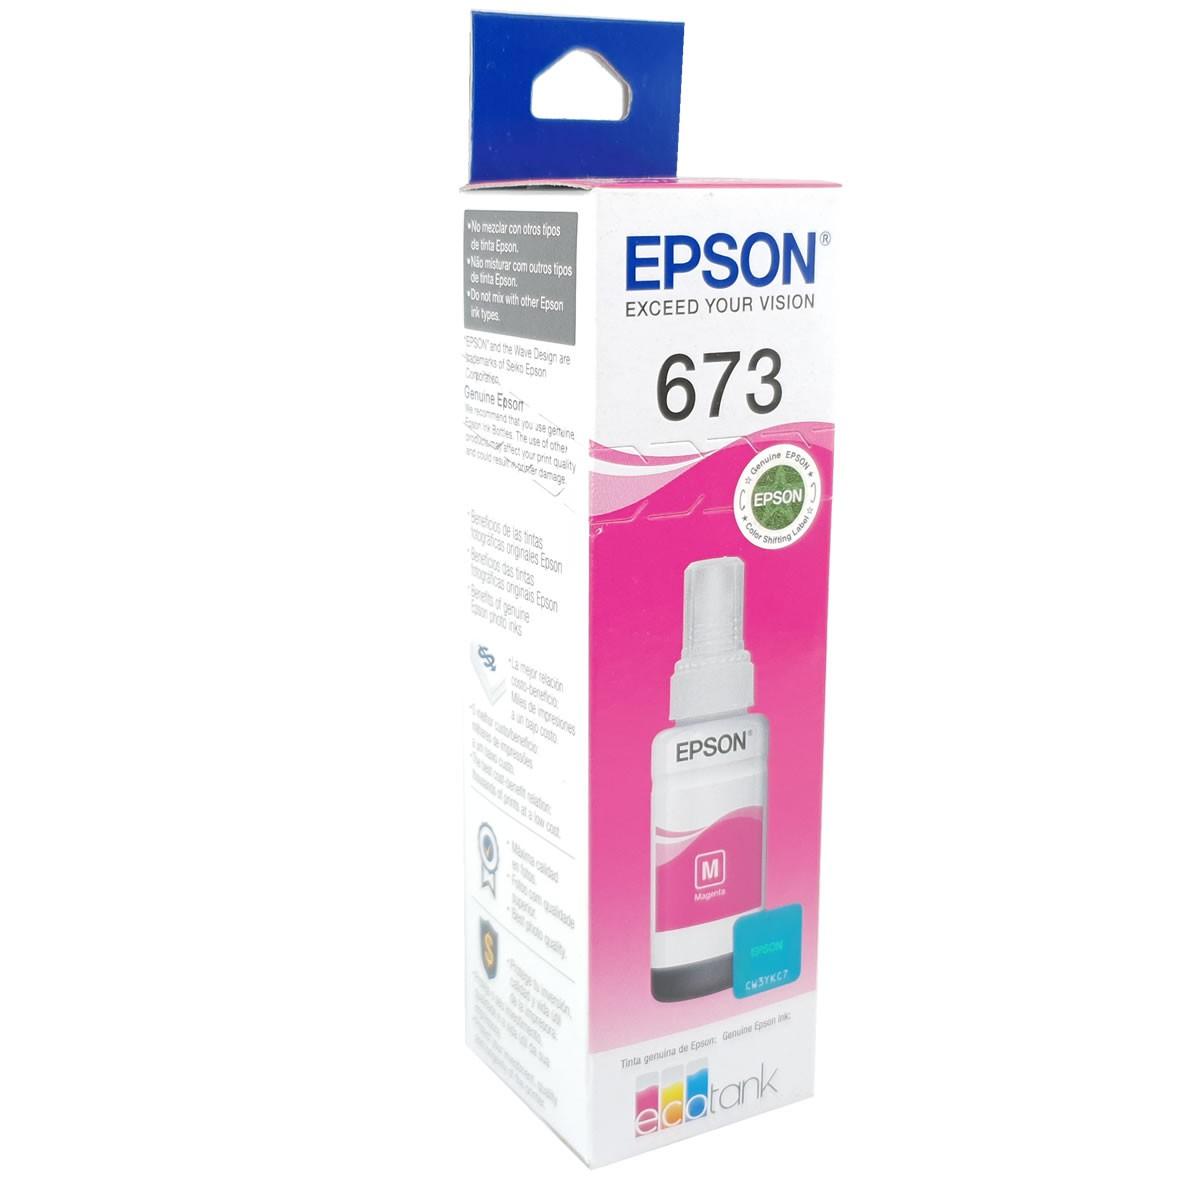 Refil de tinta EPSON T673320 Magenta 70ml para ecotank L800 L805 L810 L850 L1800